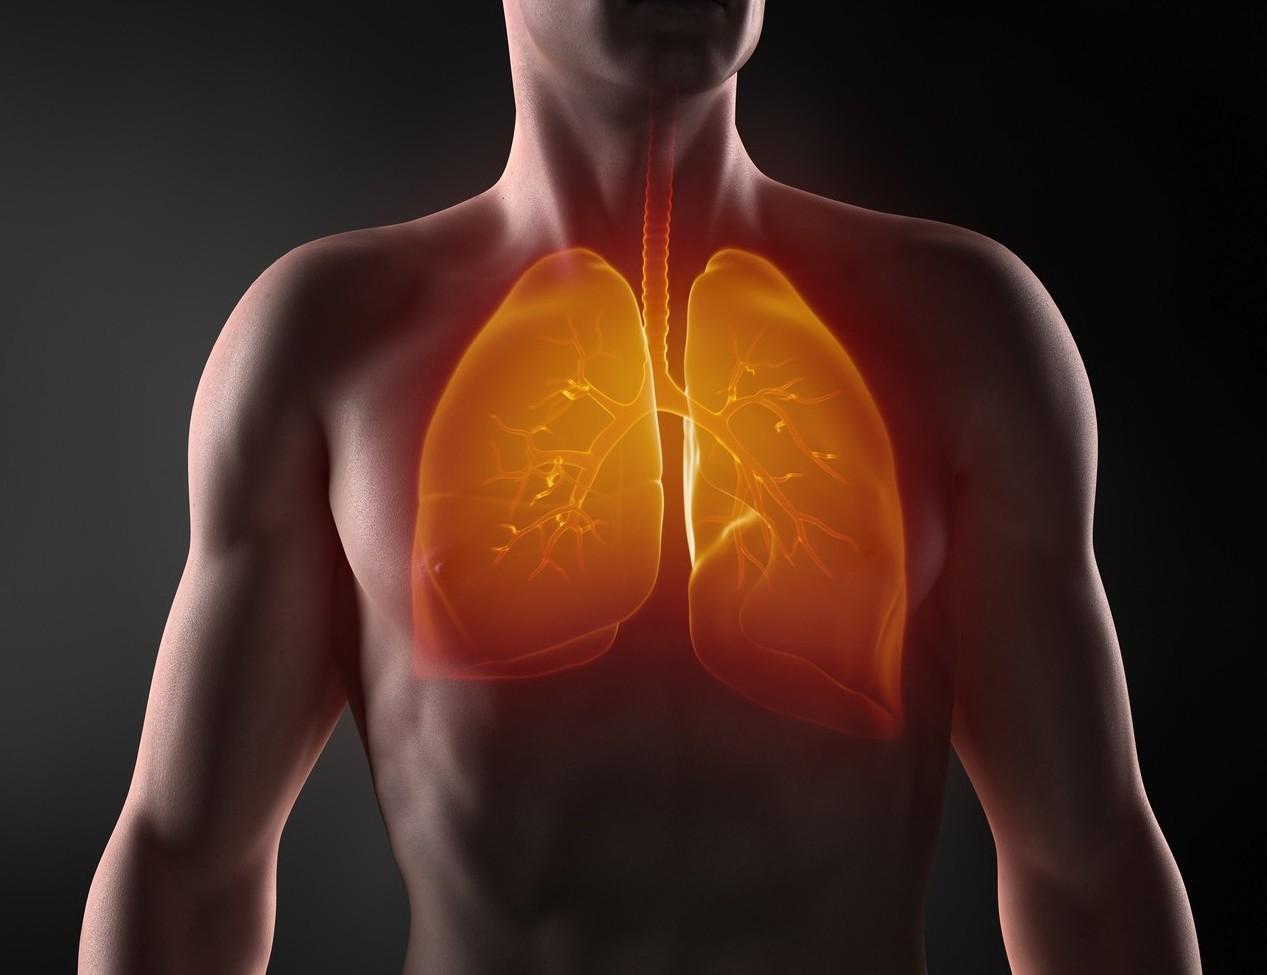 Болезни дыхательной системы как причина запаха кала изо рта